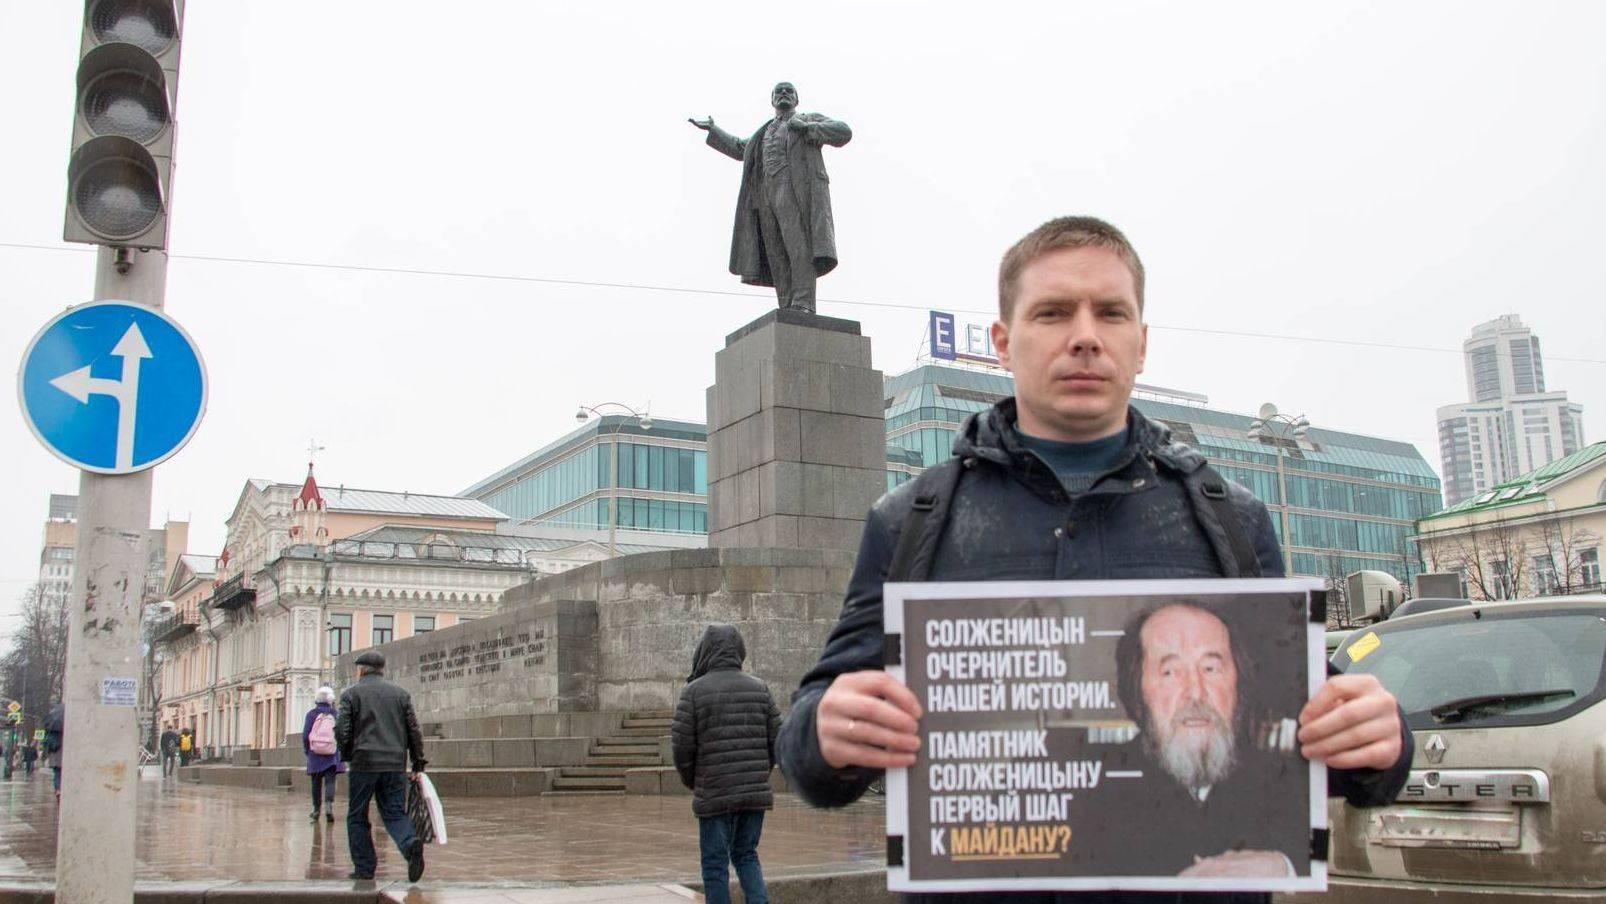 27 апреля 2018 года, Екатеринбург